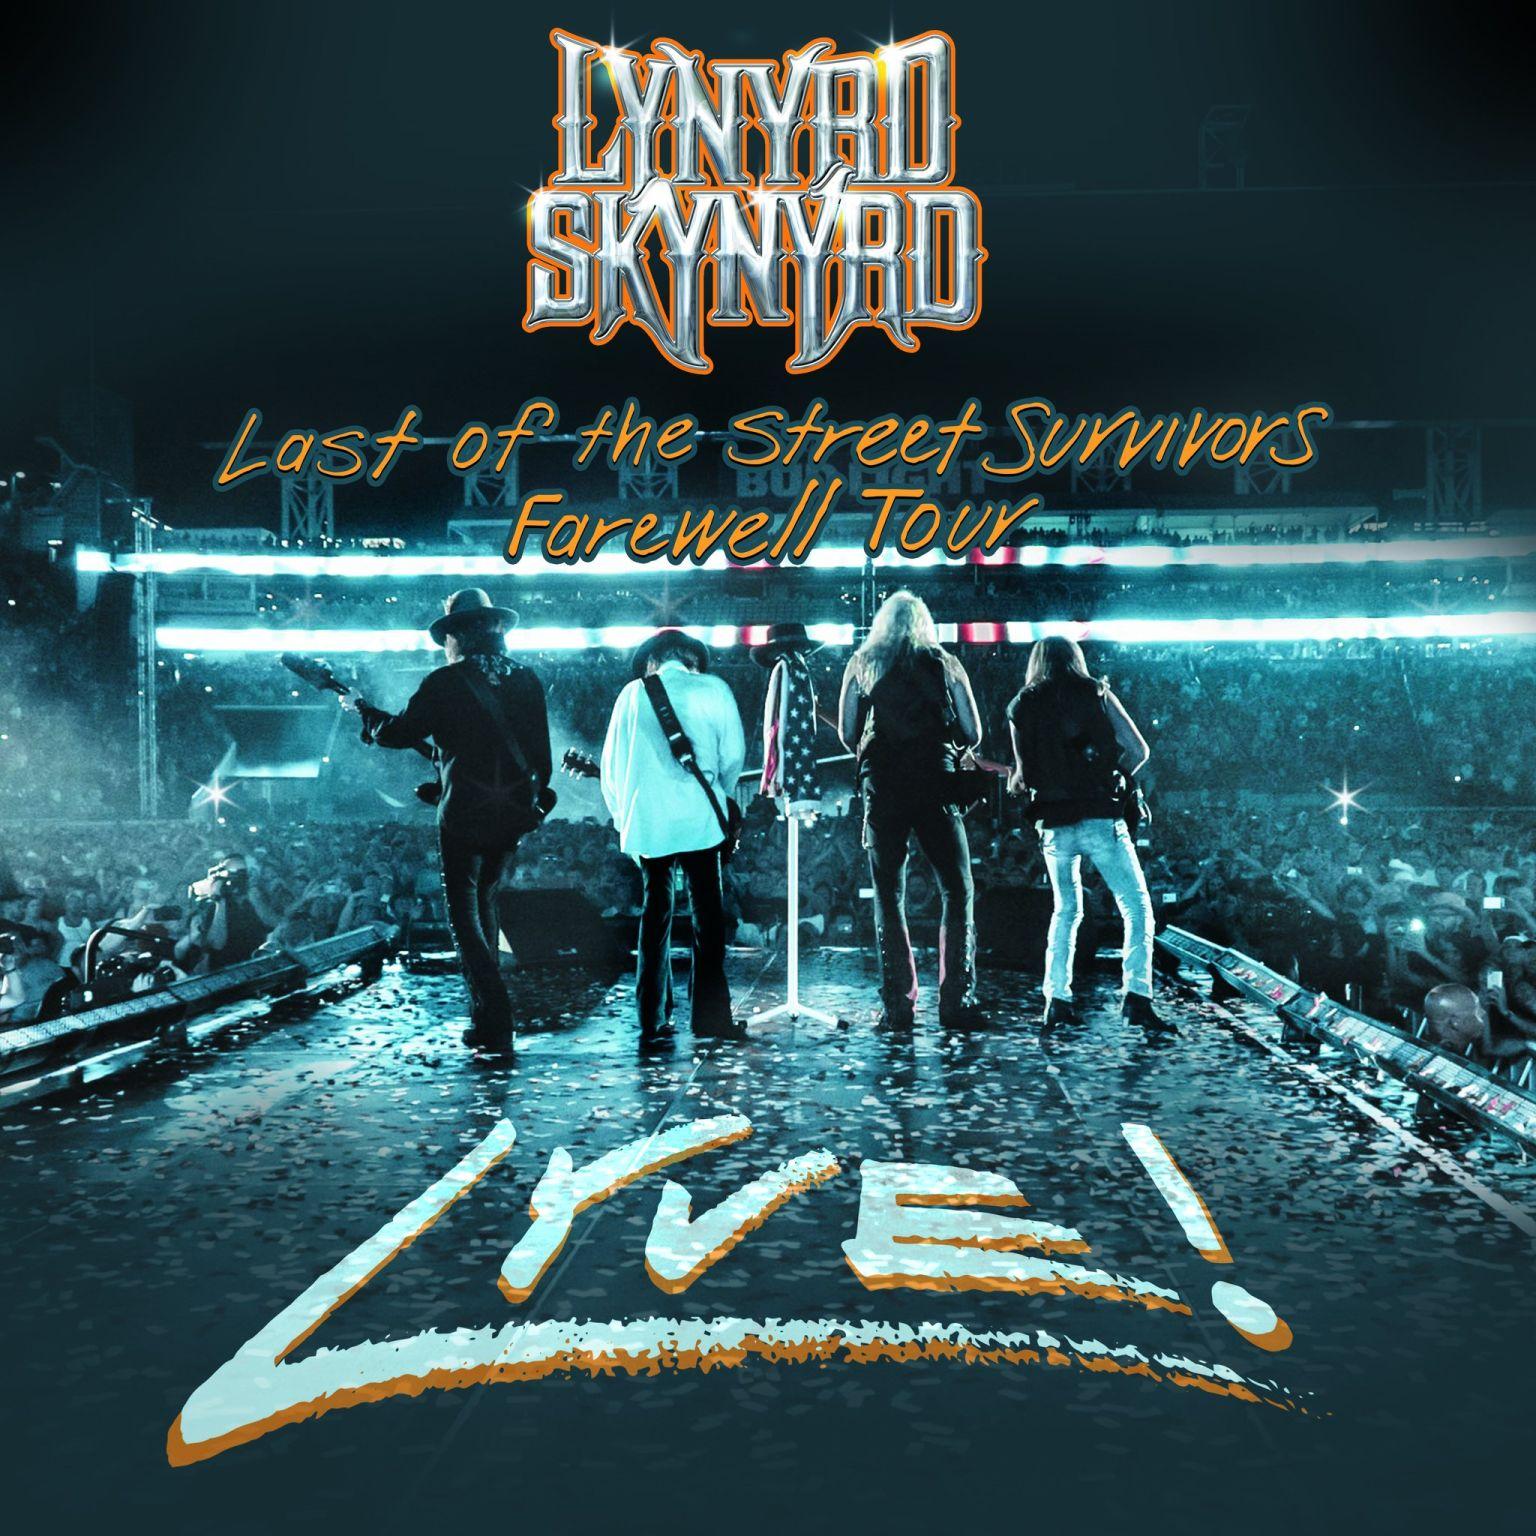 Lynyrd-Skynyrd-Last-Of-The-Street-Survivors-Farewell-Tour-Lyve